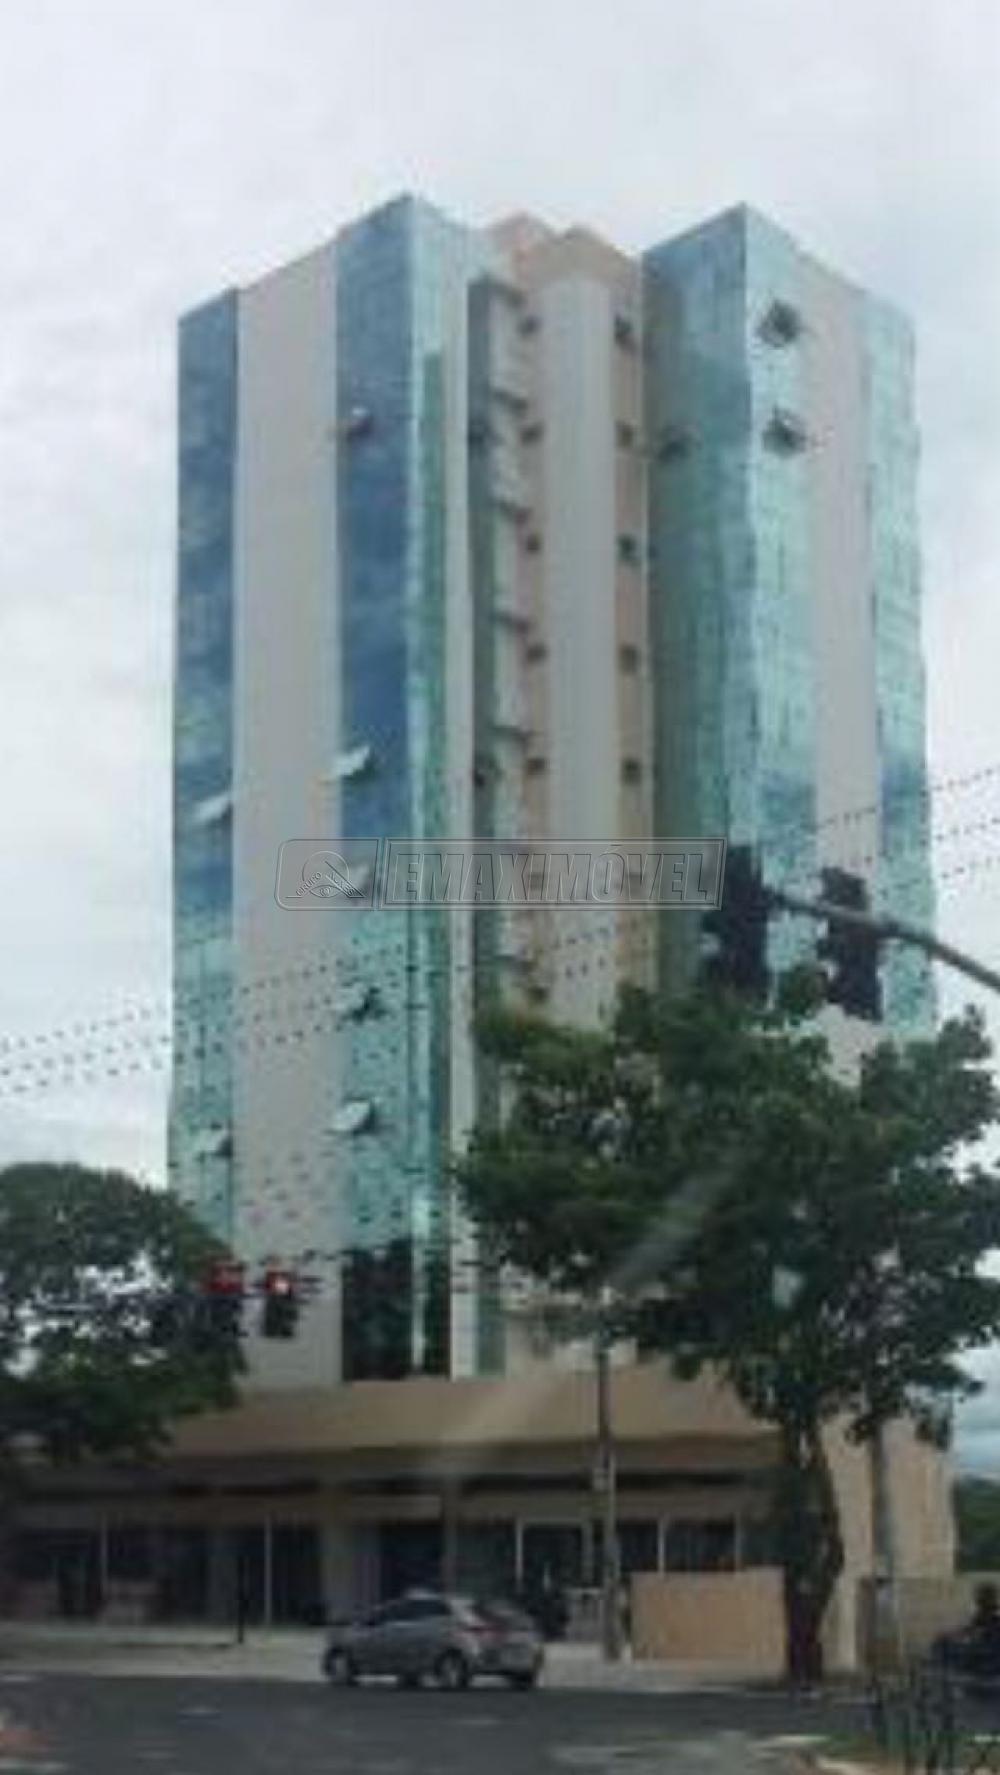 Alugar Comercial / Prédios em Sorocaba apenas R$ 900,00 - Foto 1